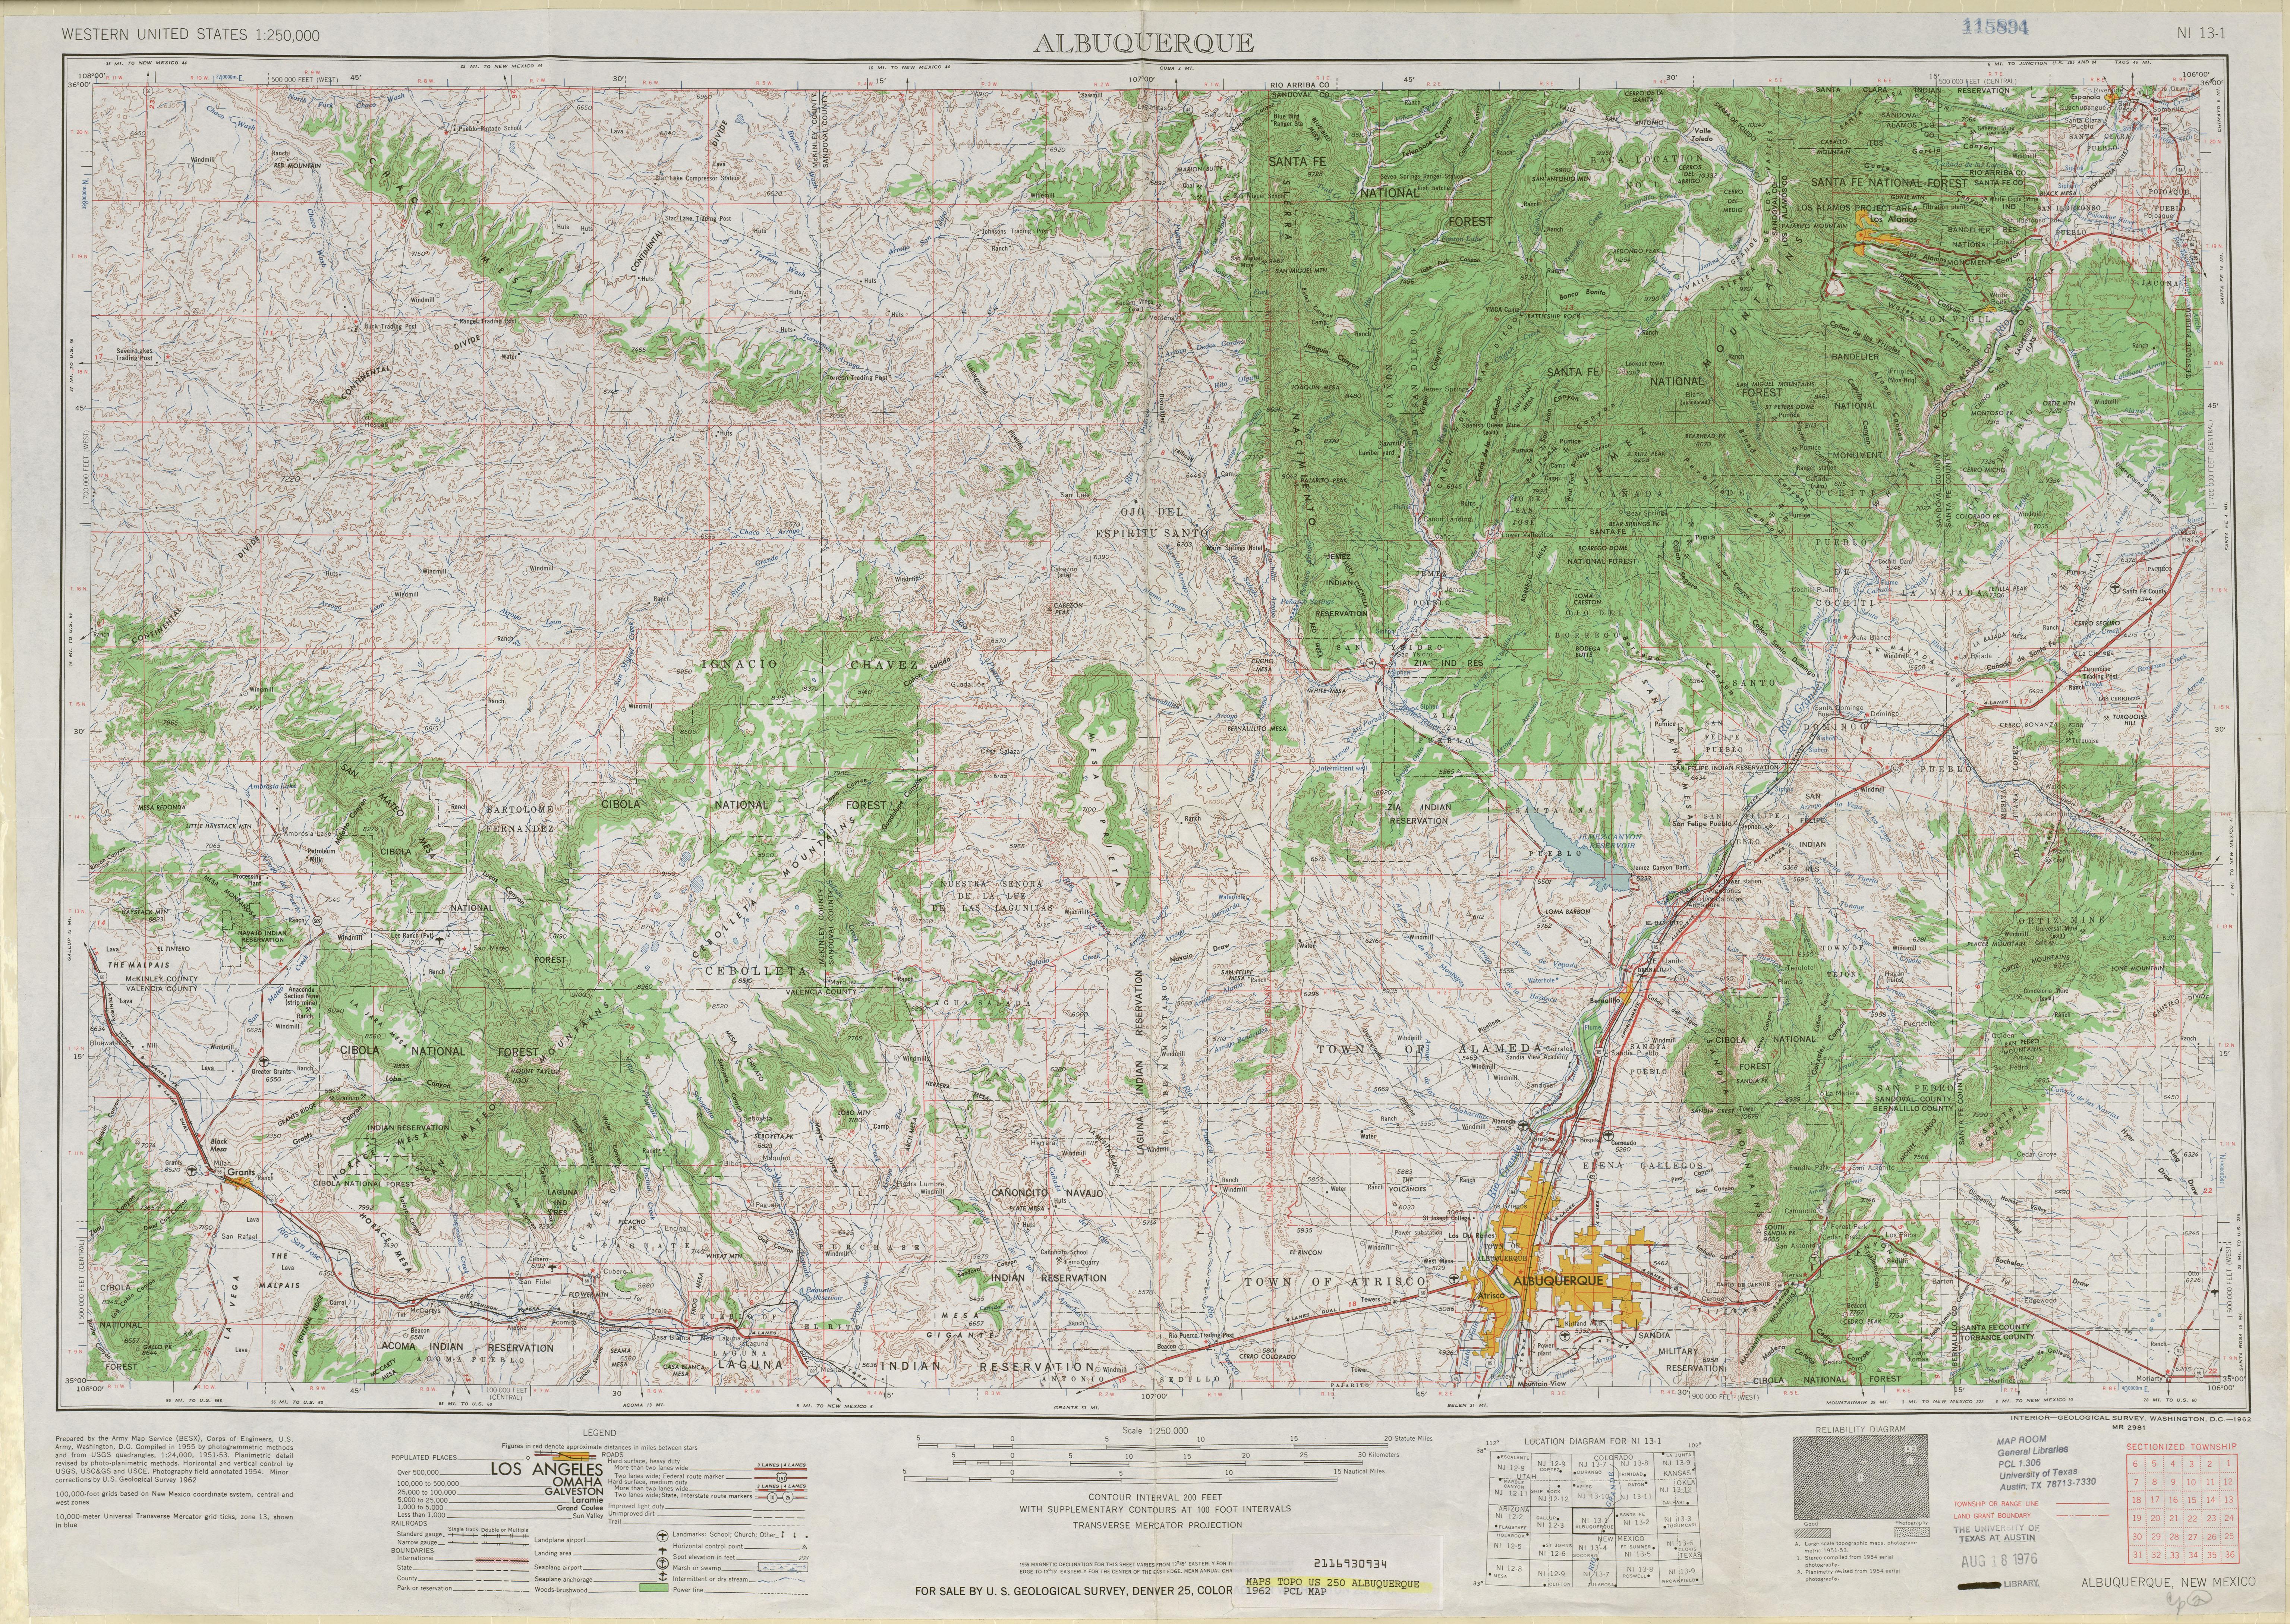 Hoja Albuquerque del Mapa Topográfico de los Estados Unidos 1962